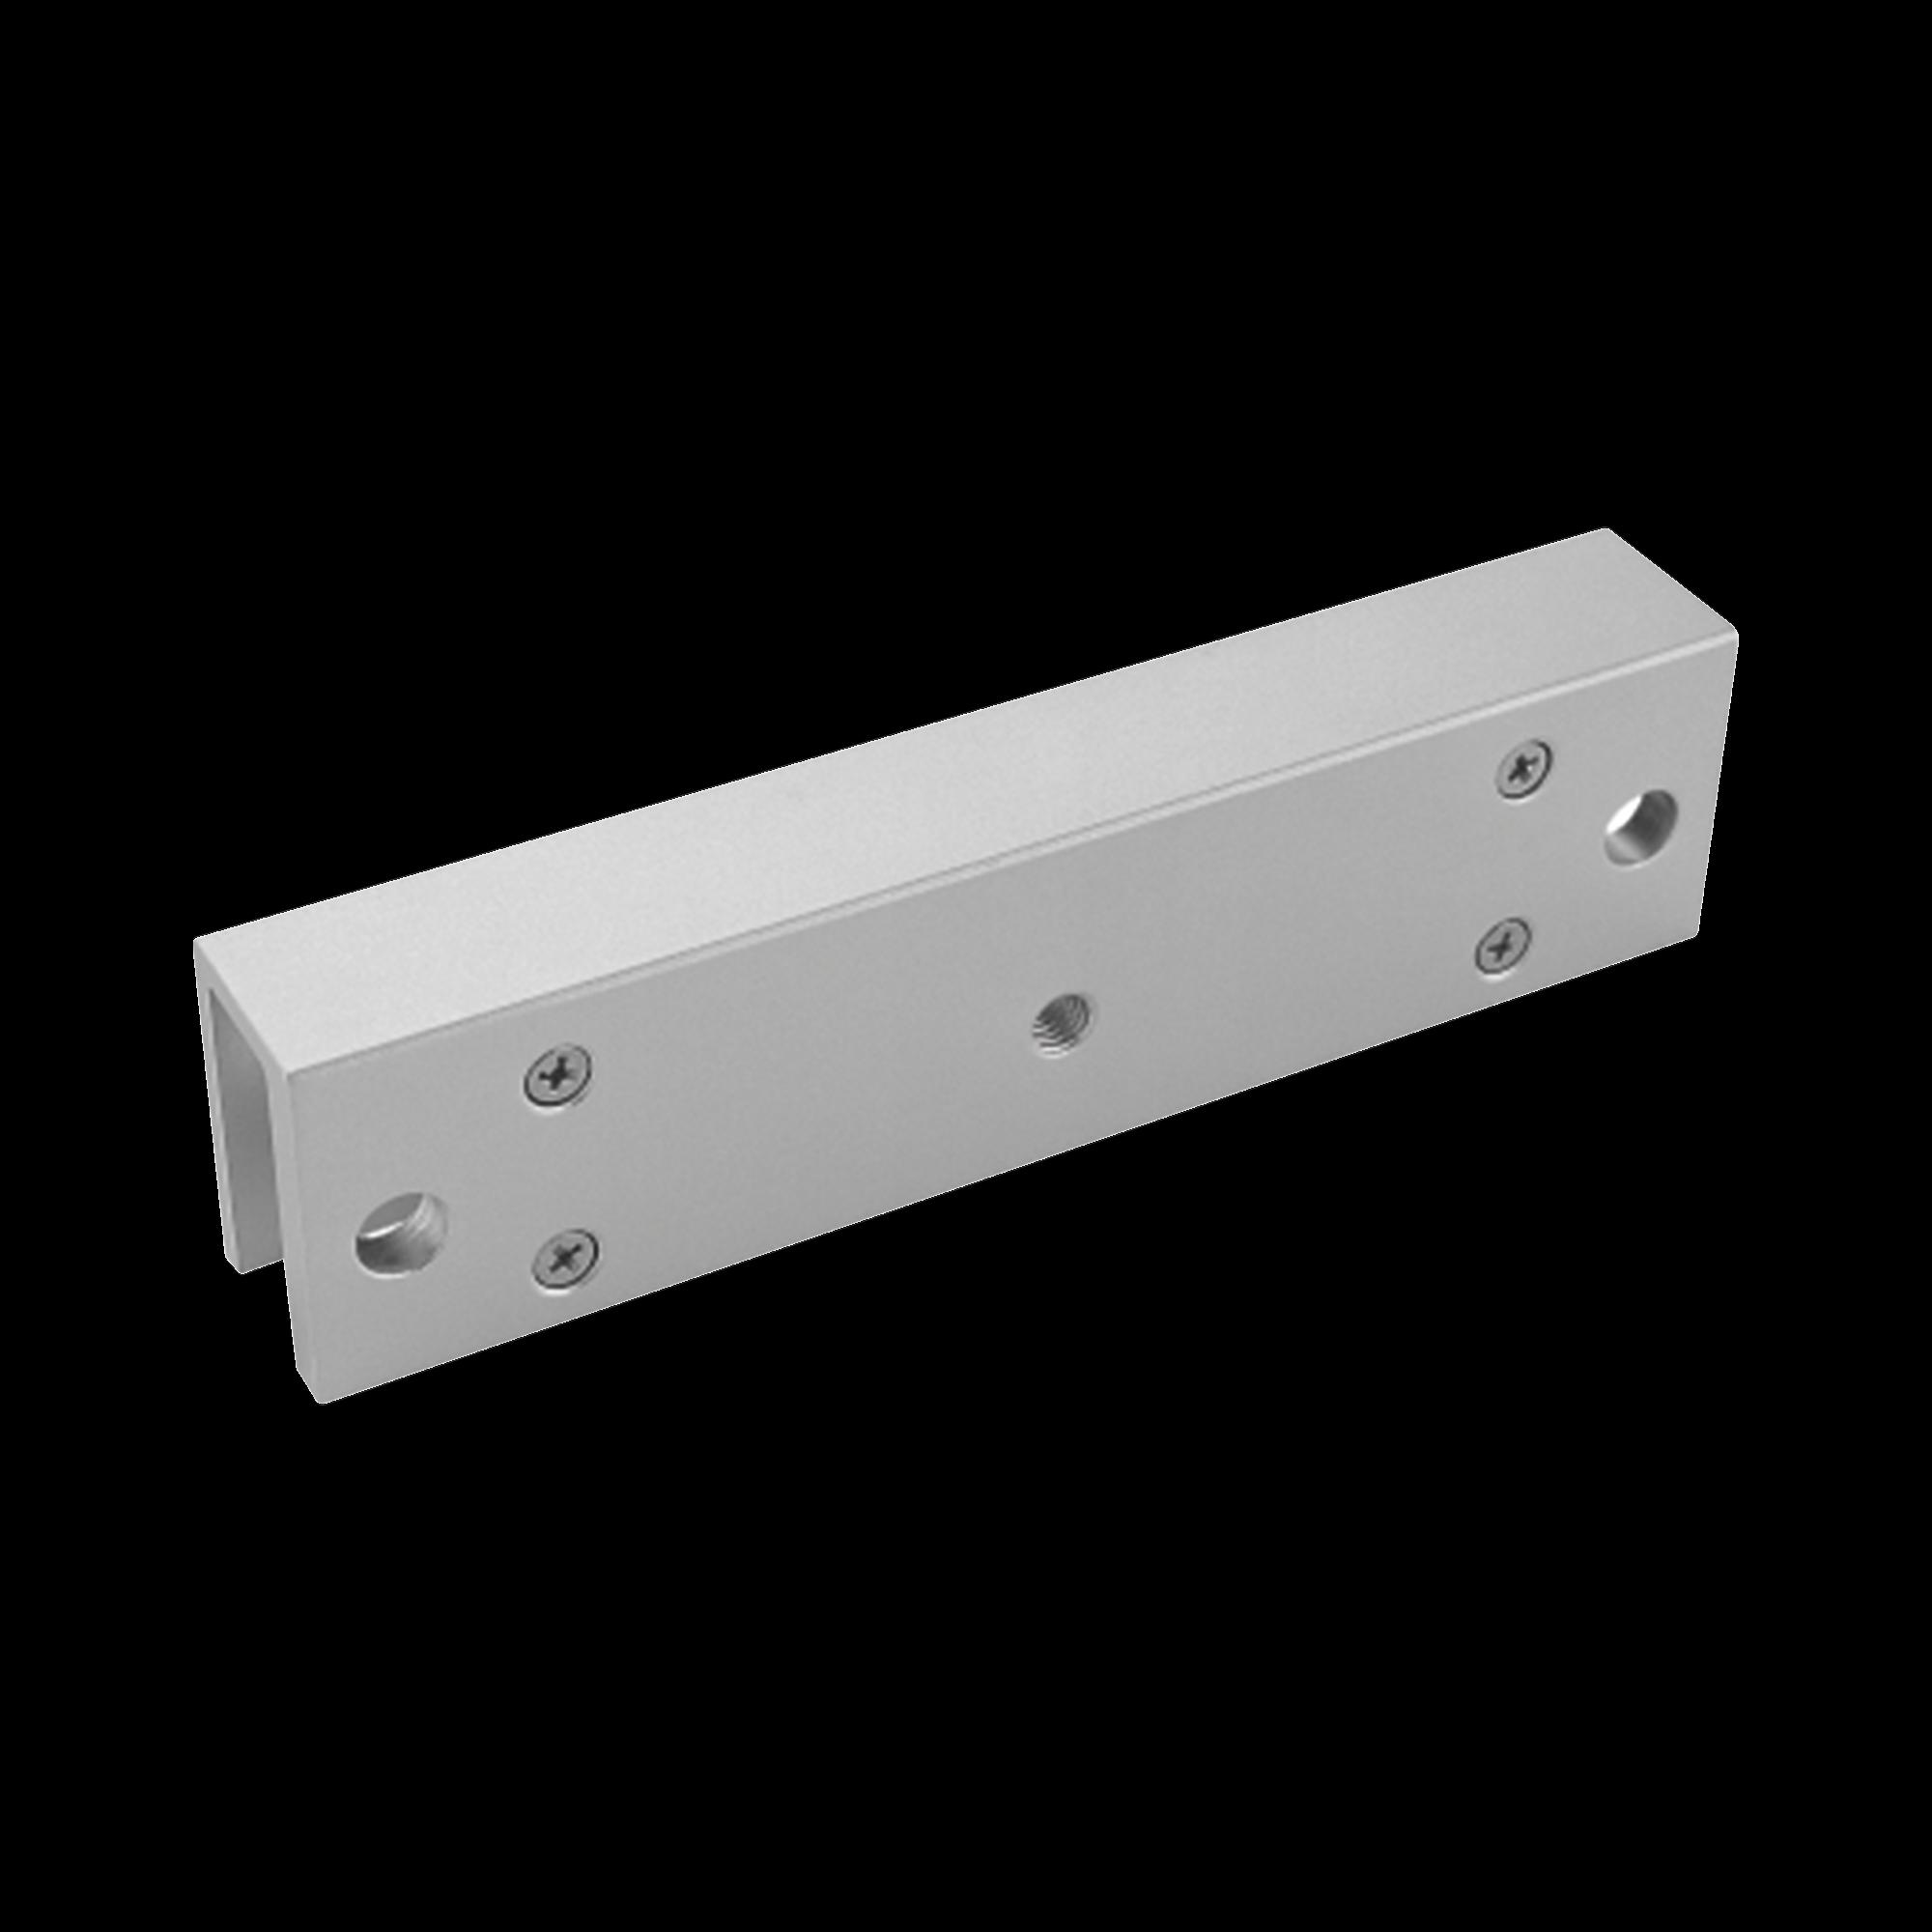 Montaje en U para Instalación de Chapa Magnética DS-K4H258S en Puerta de Cristal (Vidrio)